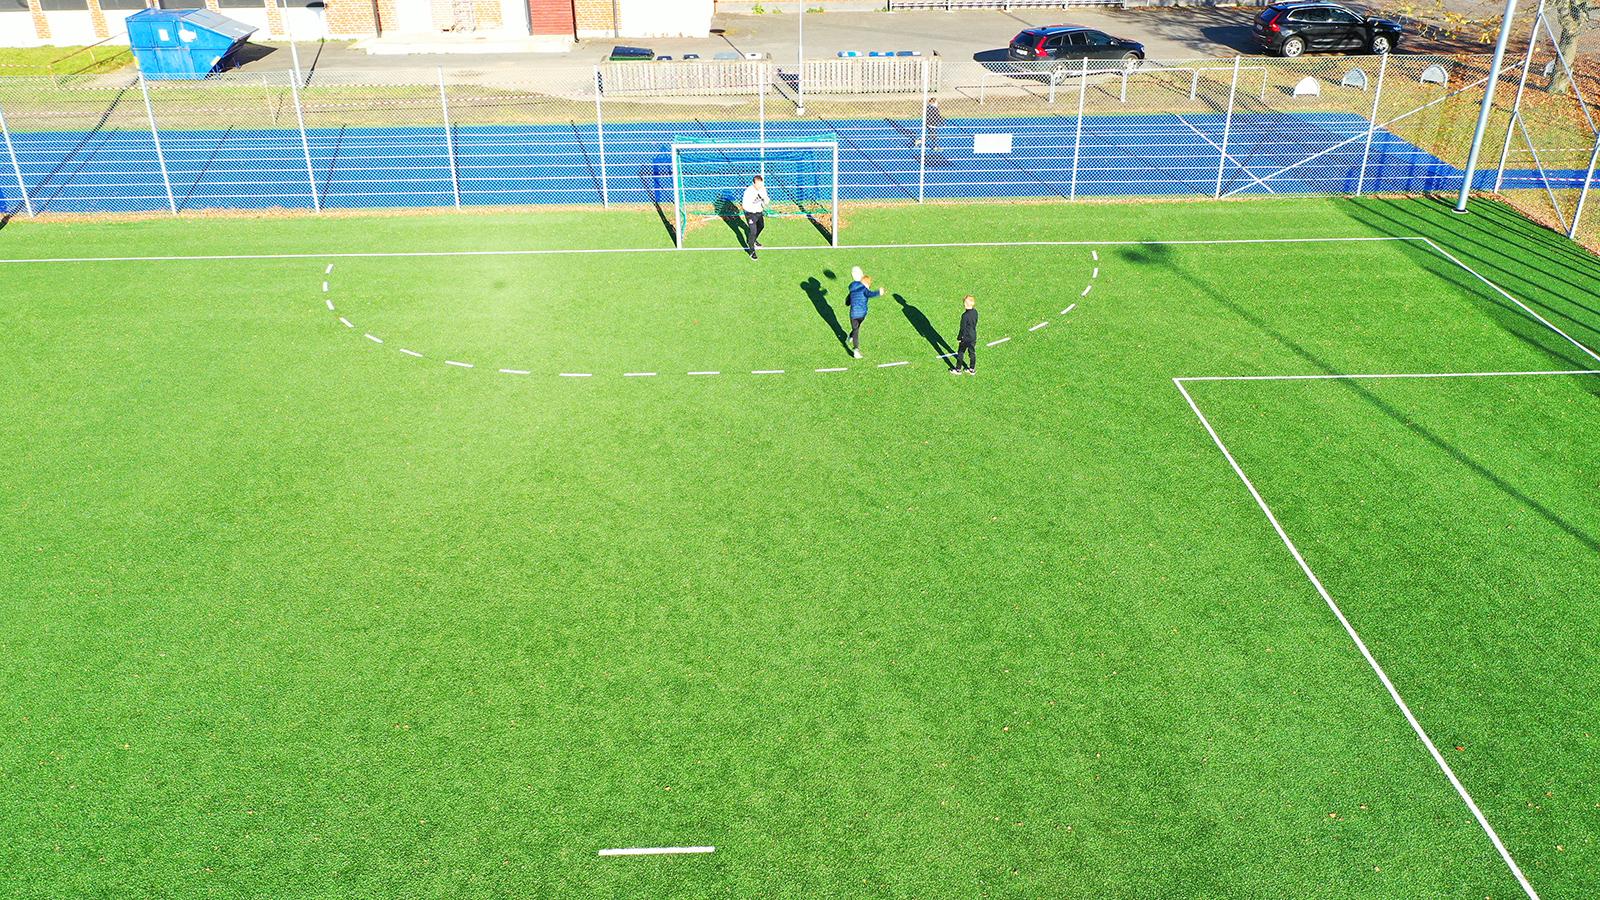 degeberga utemiljö aktivitetsområde unisport